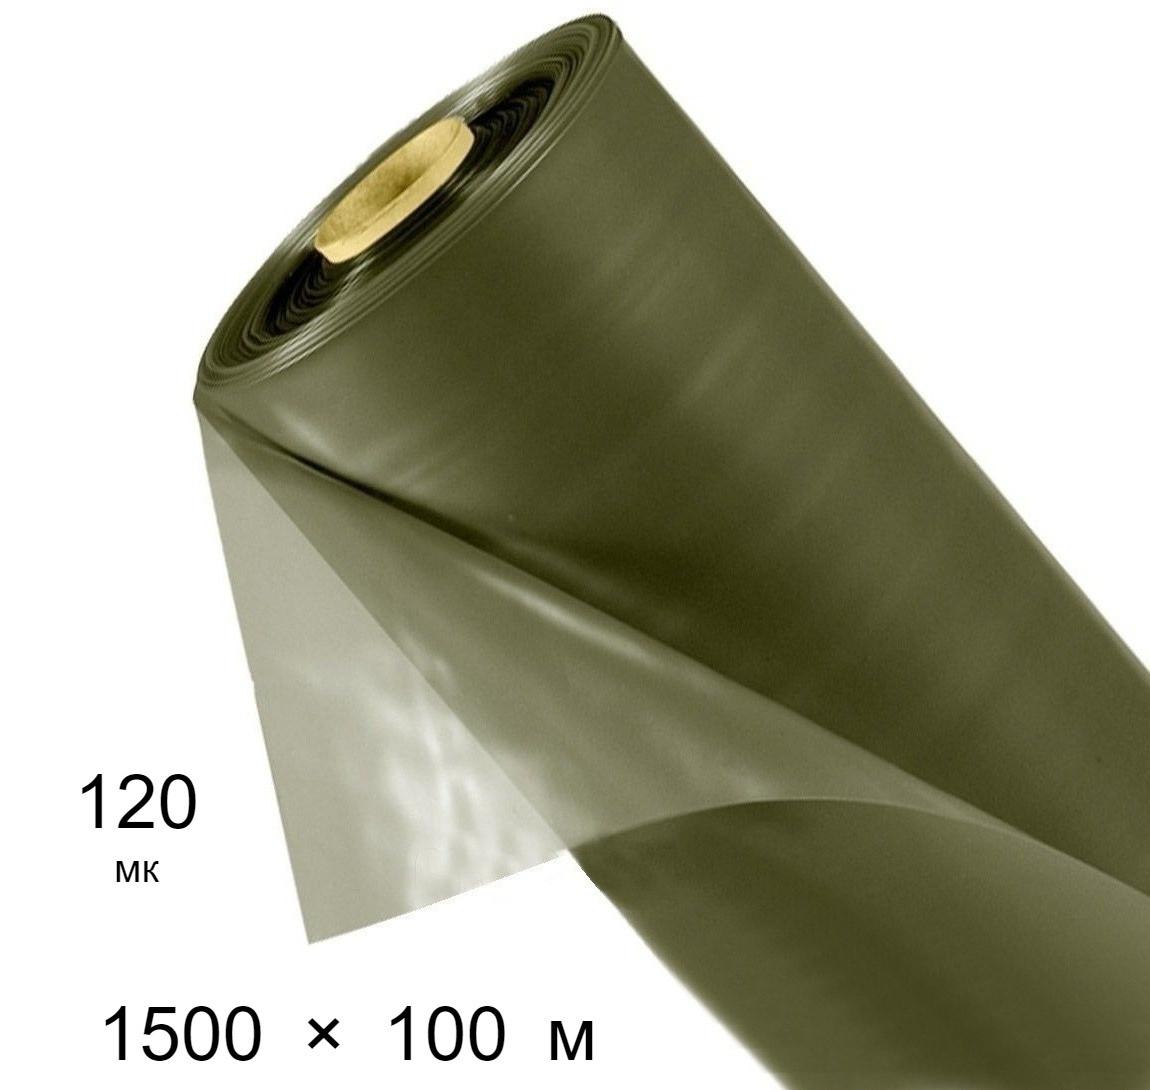 Пленка строительная 120 мкм - 1500 мм × 100 м